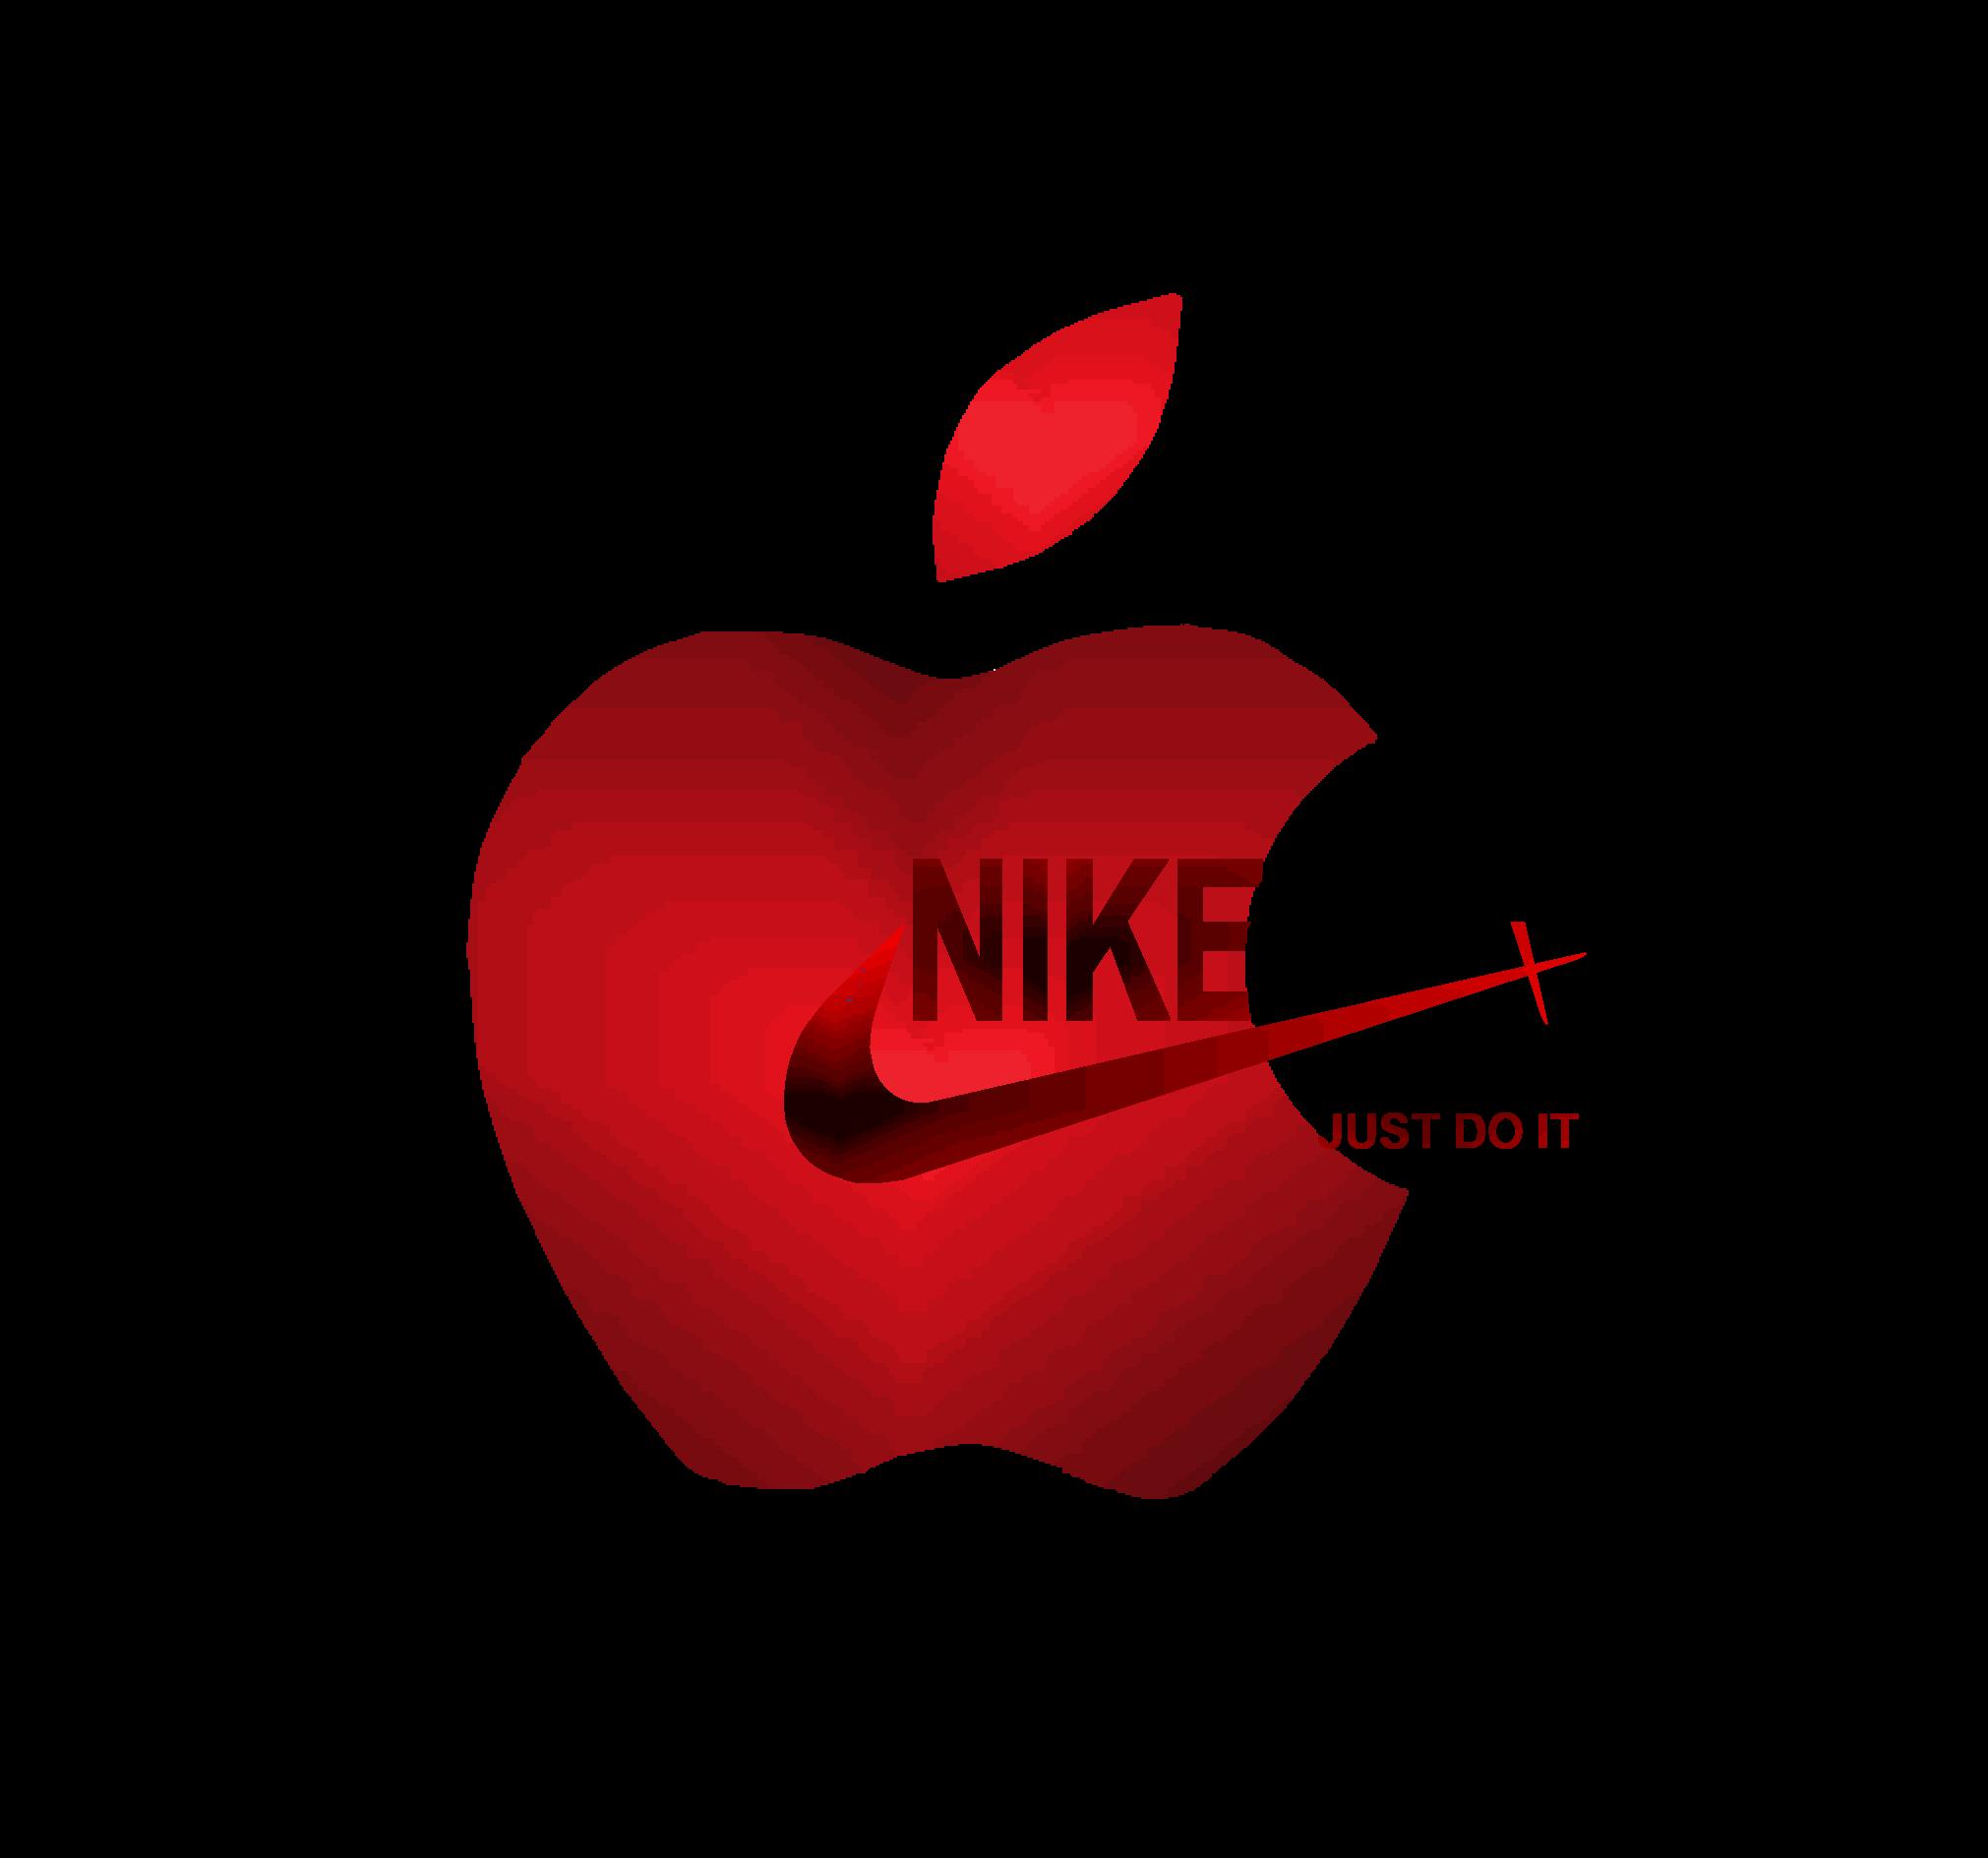 Apple Nike Logo Apple 1 Logos Apple Nike Logo